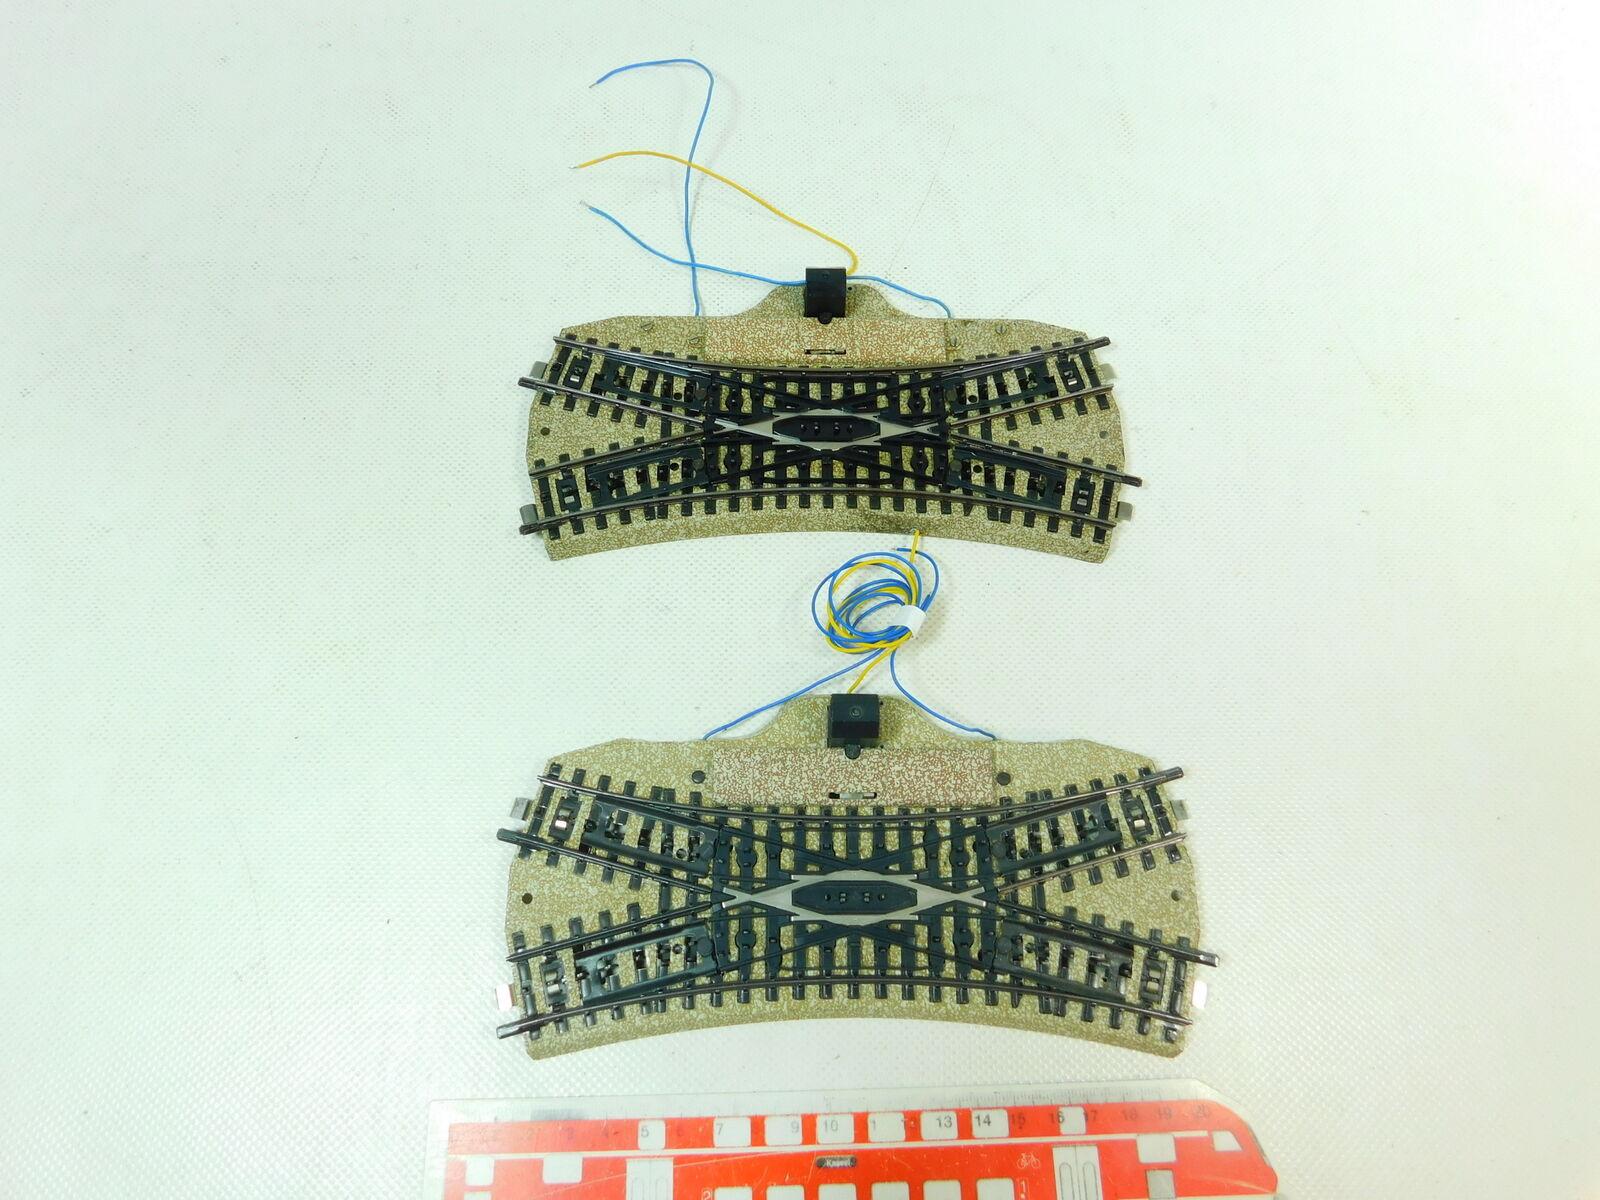 Bu54-1 x märklin h0 ac 5128 switch dkw route m tested